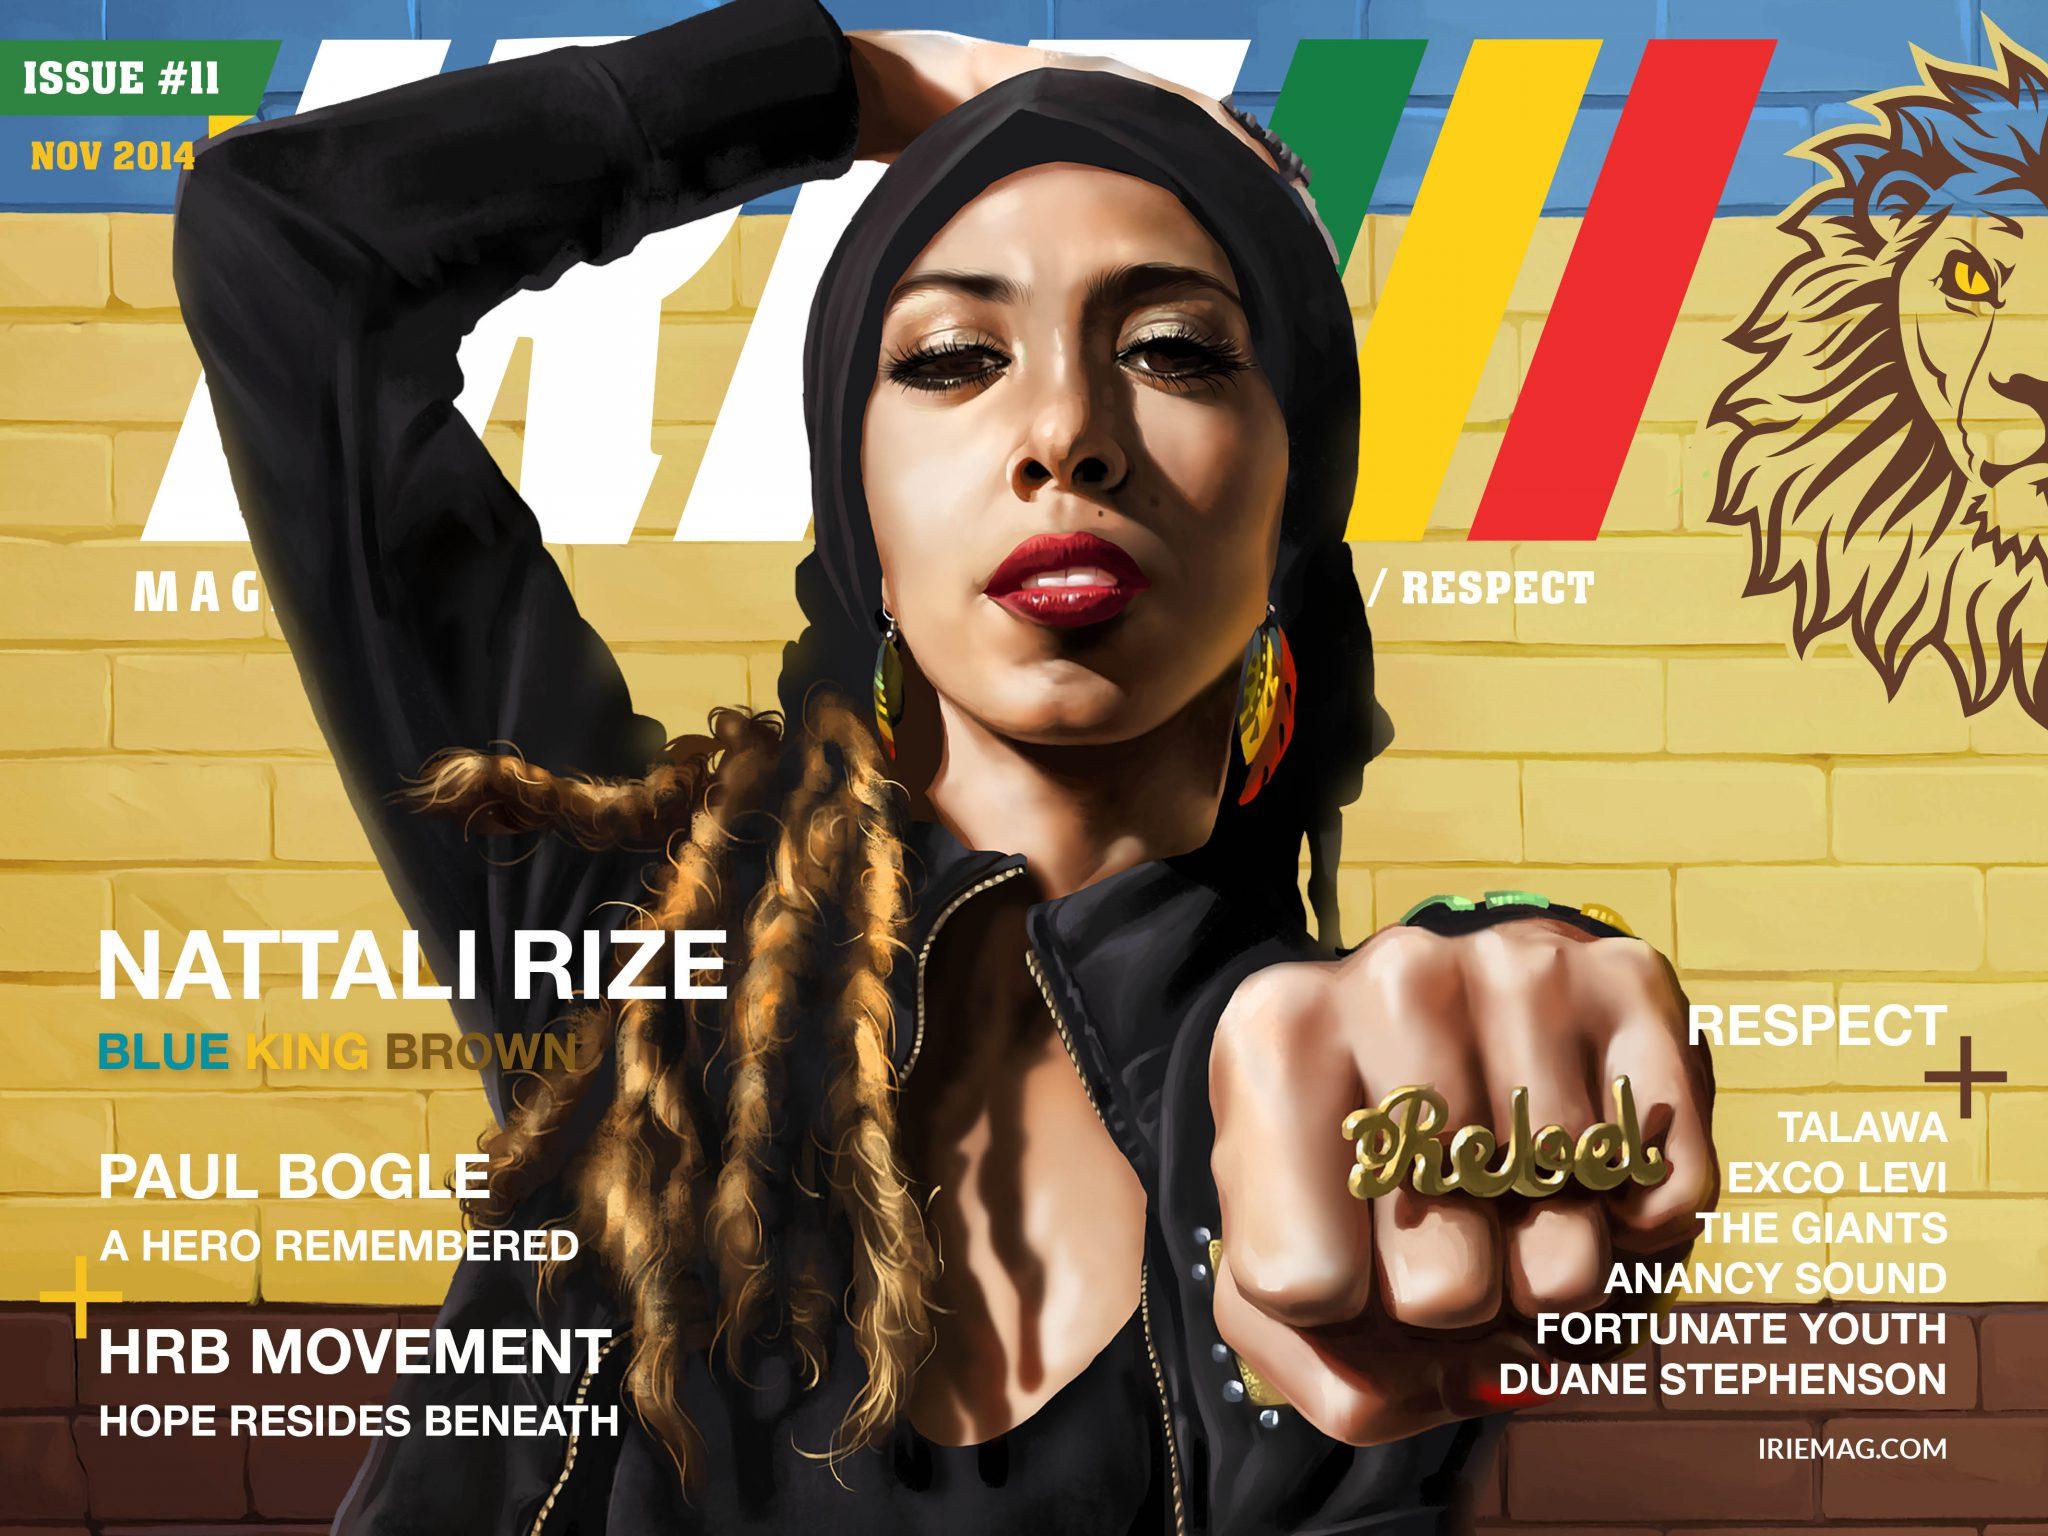 Irie Magazine